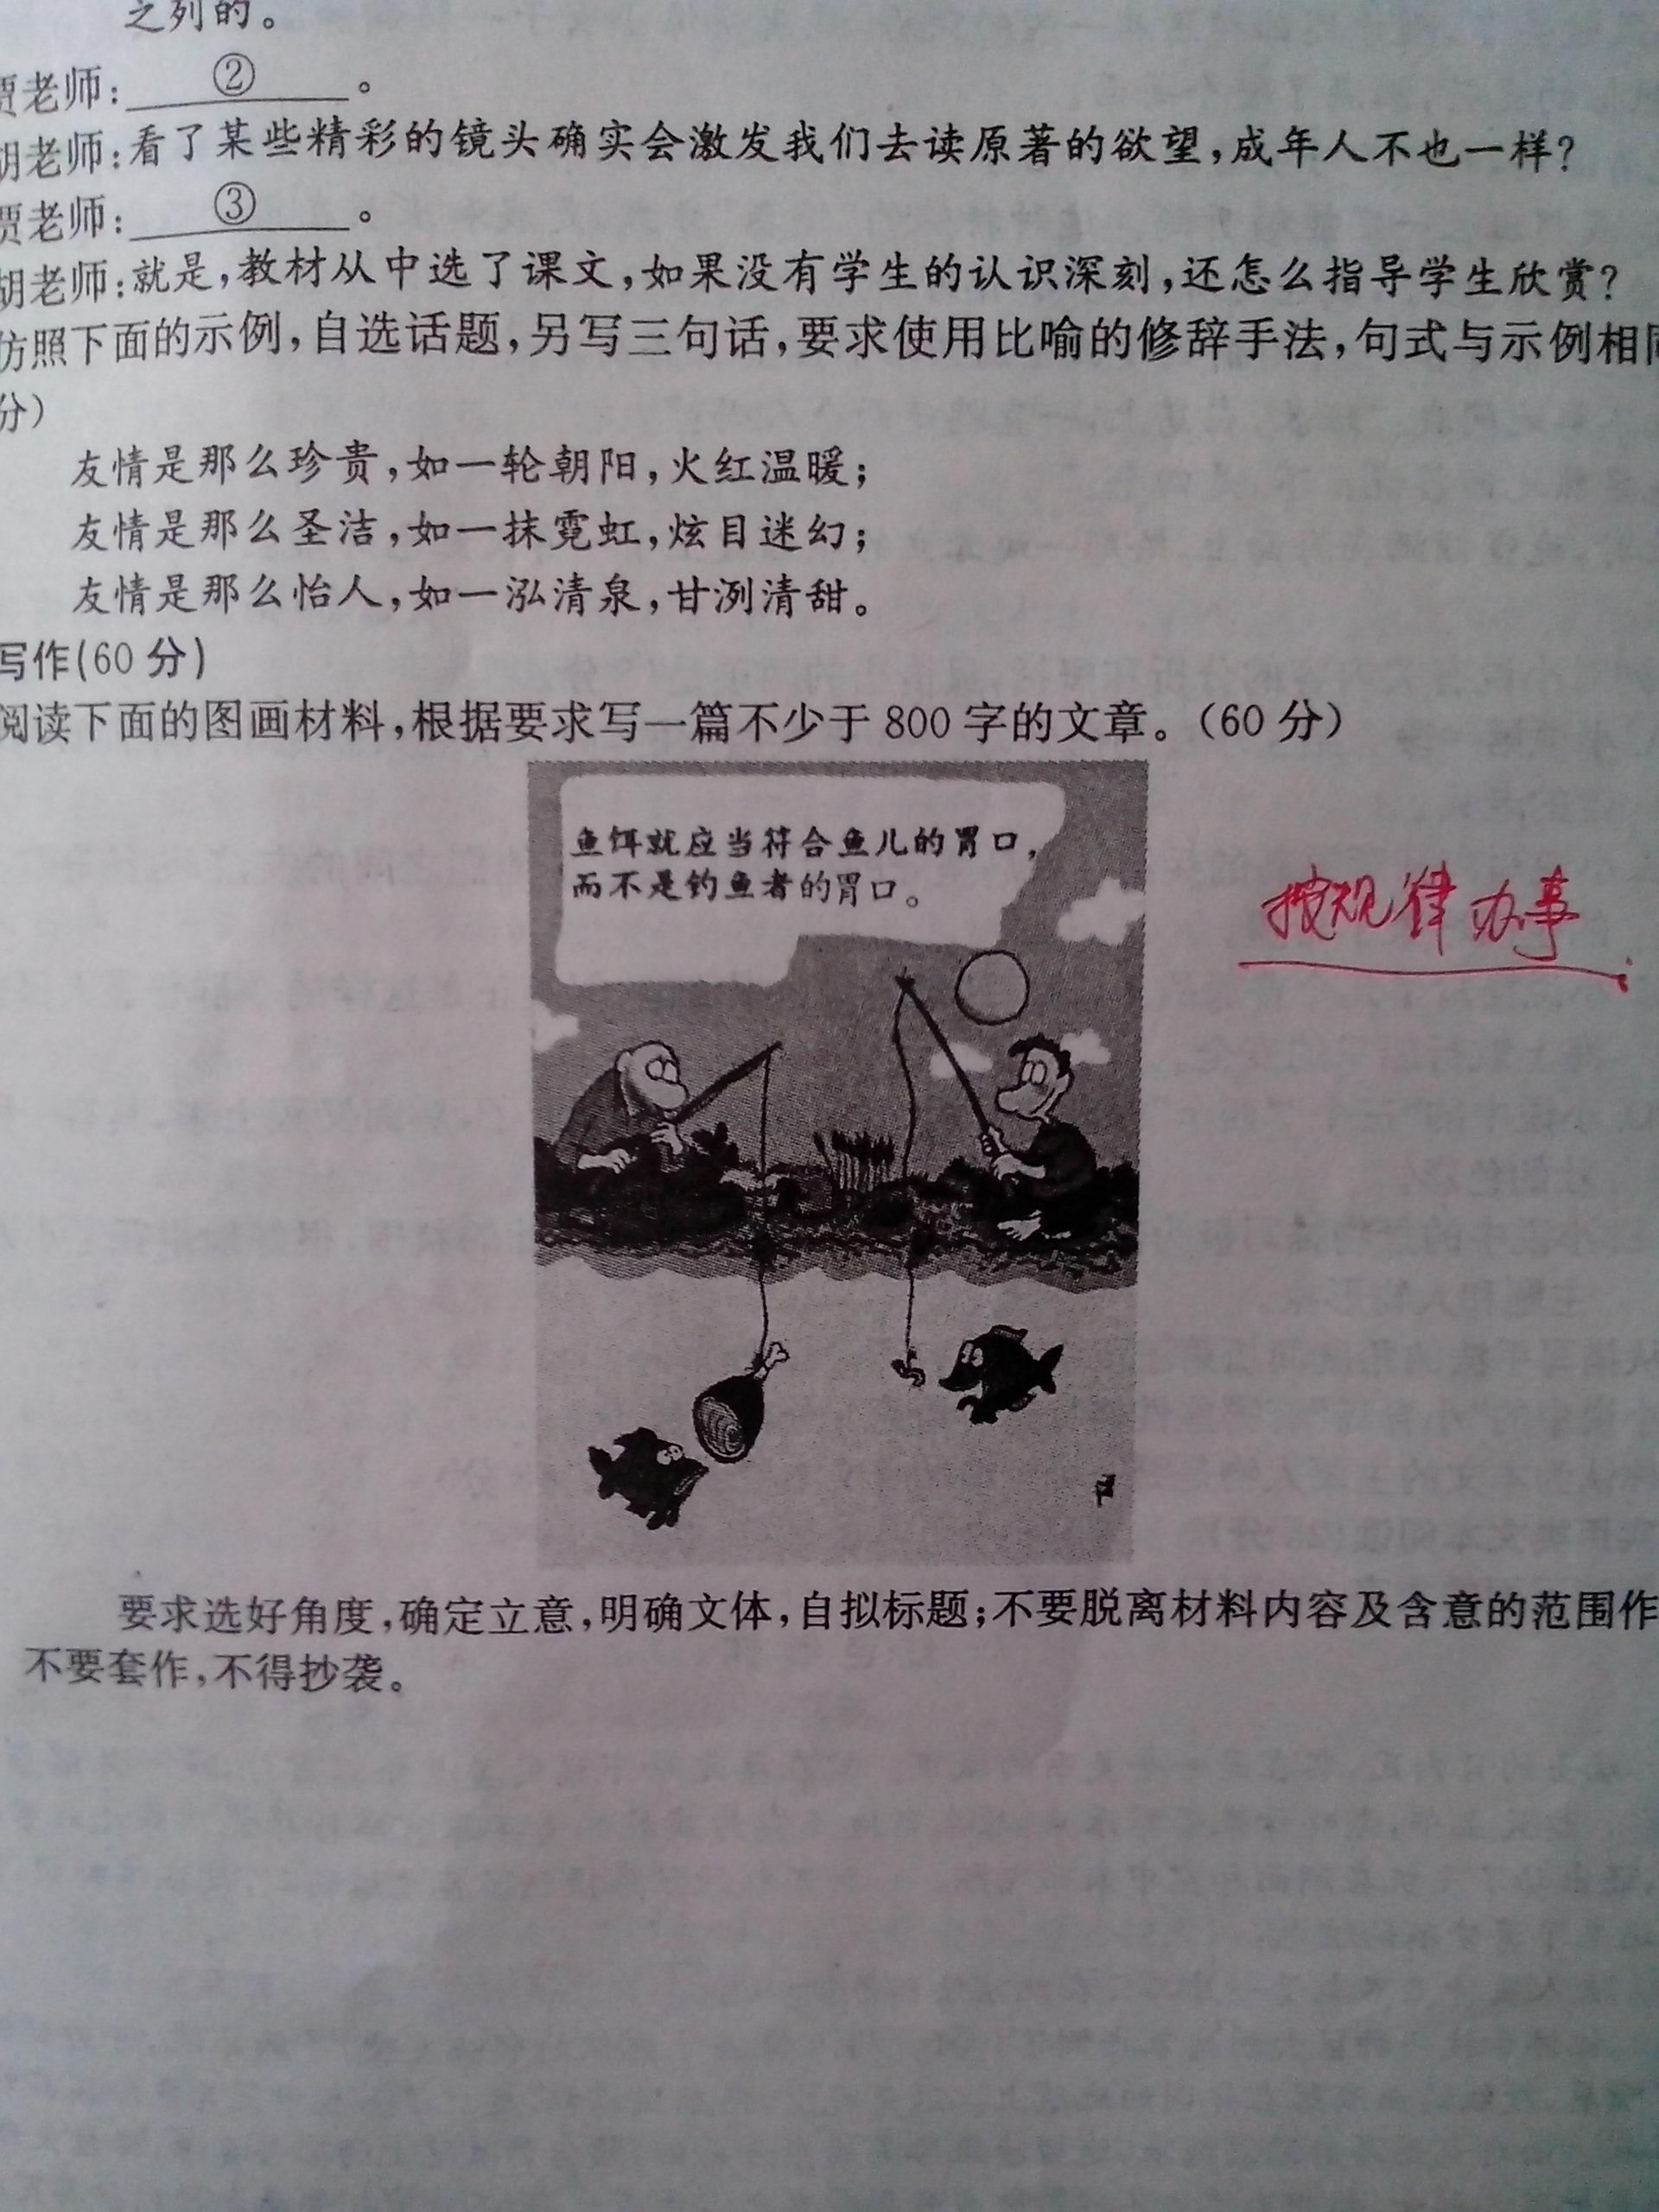 初中语文作文模板 初中语文试卷分析模板